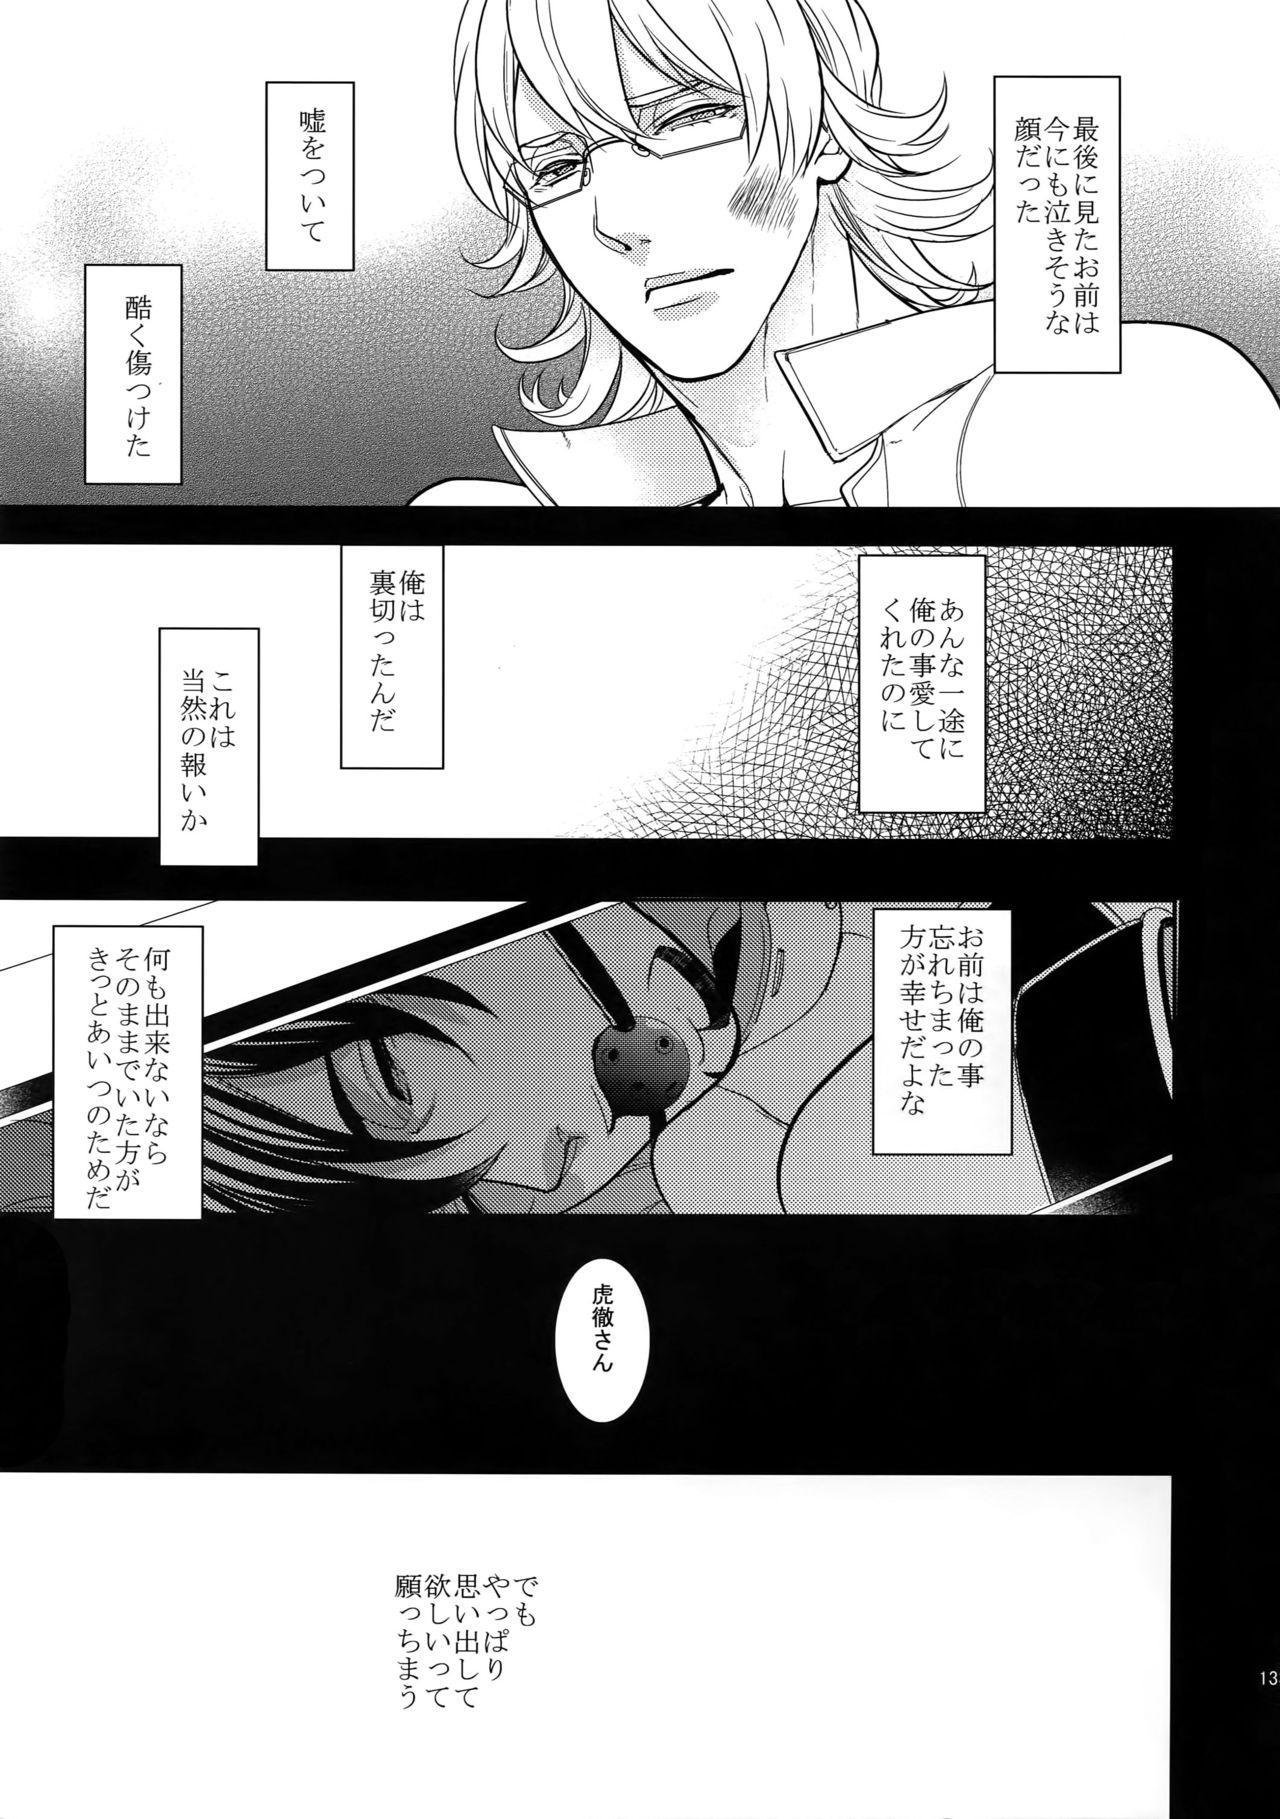 Ai no Kemono Sairoku-shuu 131